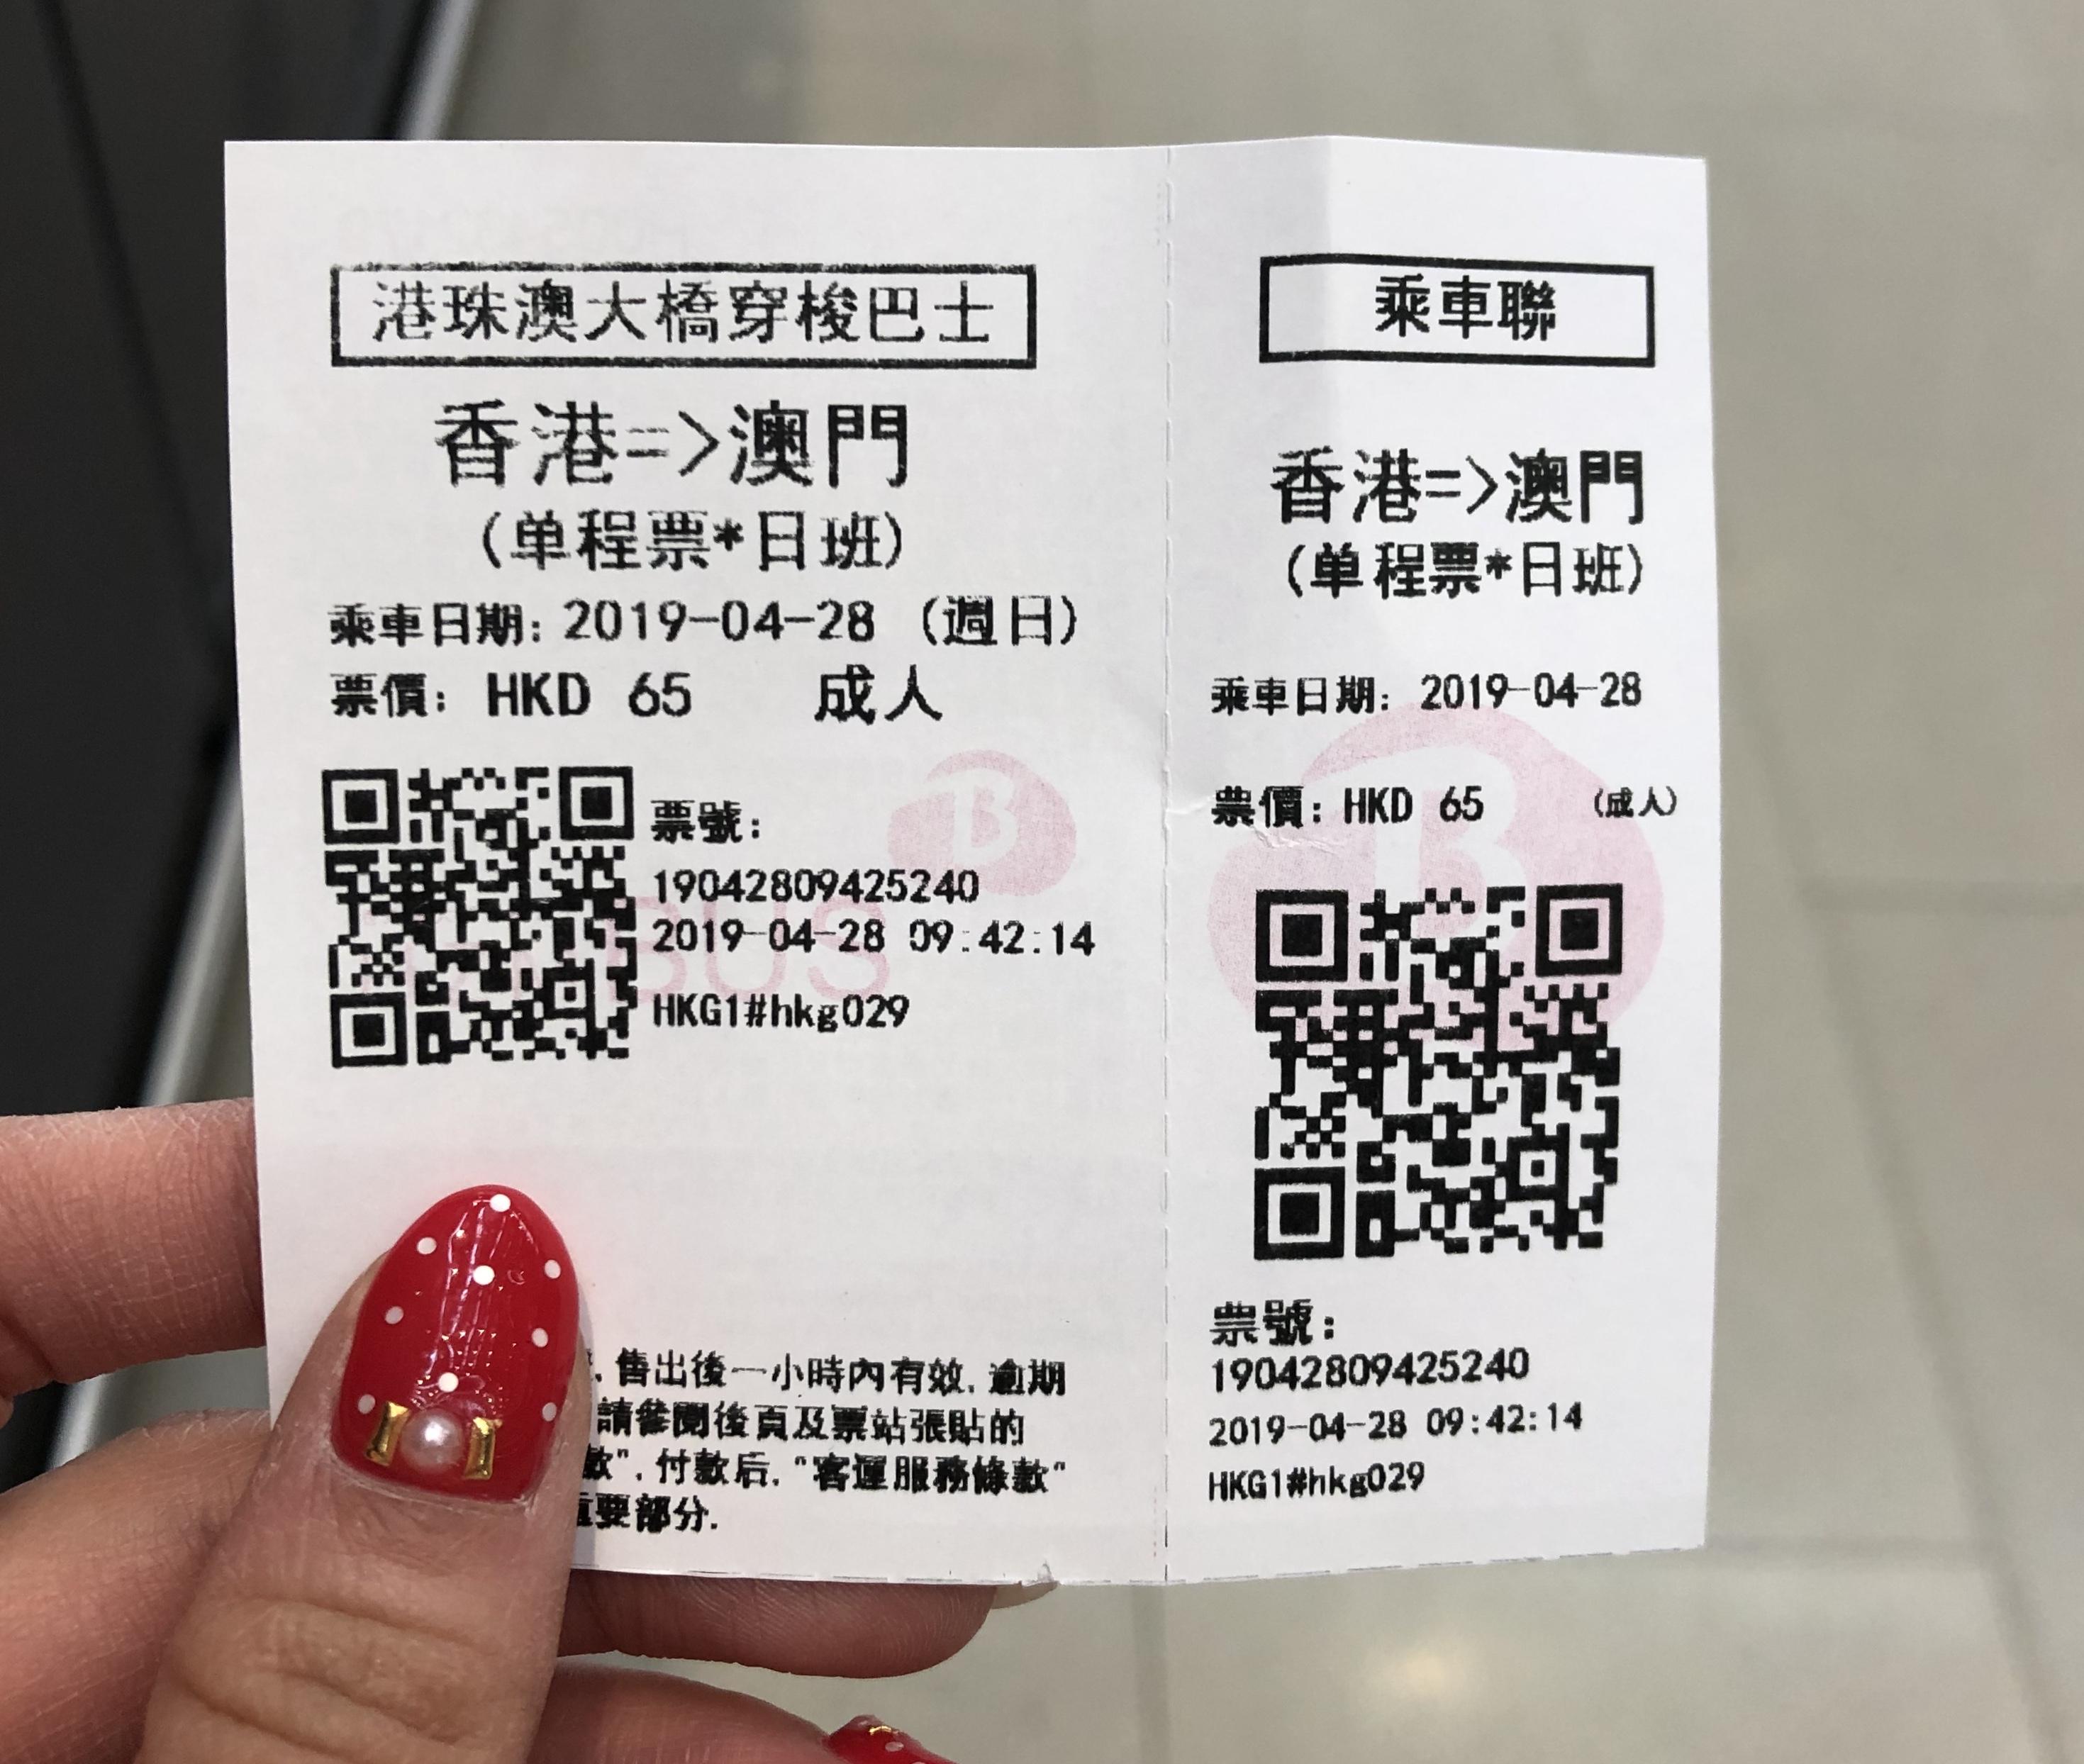 港珠澳大橋の香港側の乗り場「香港口岸」シャトルバスチケット